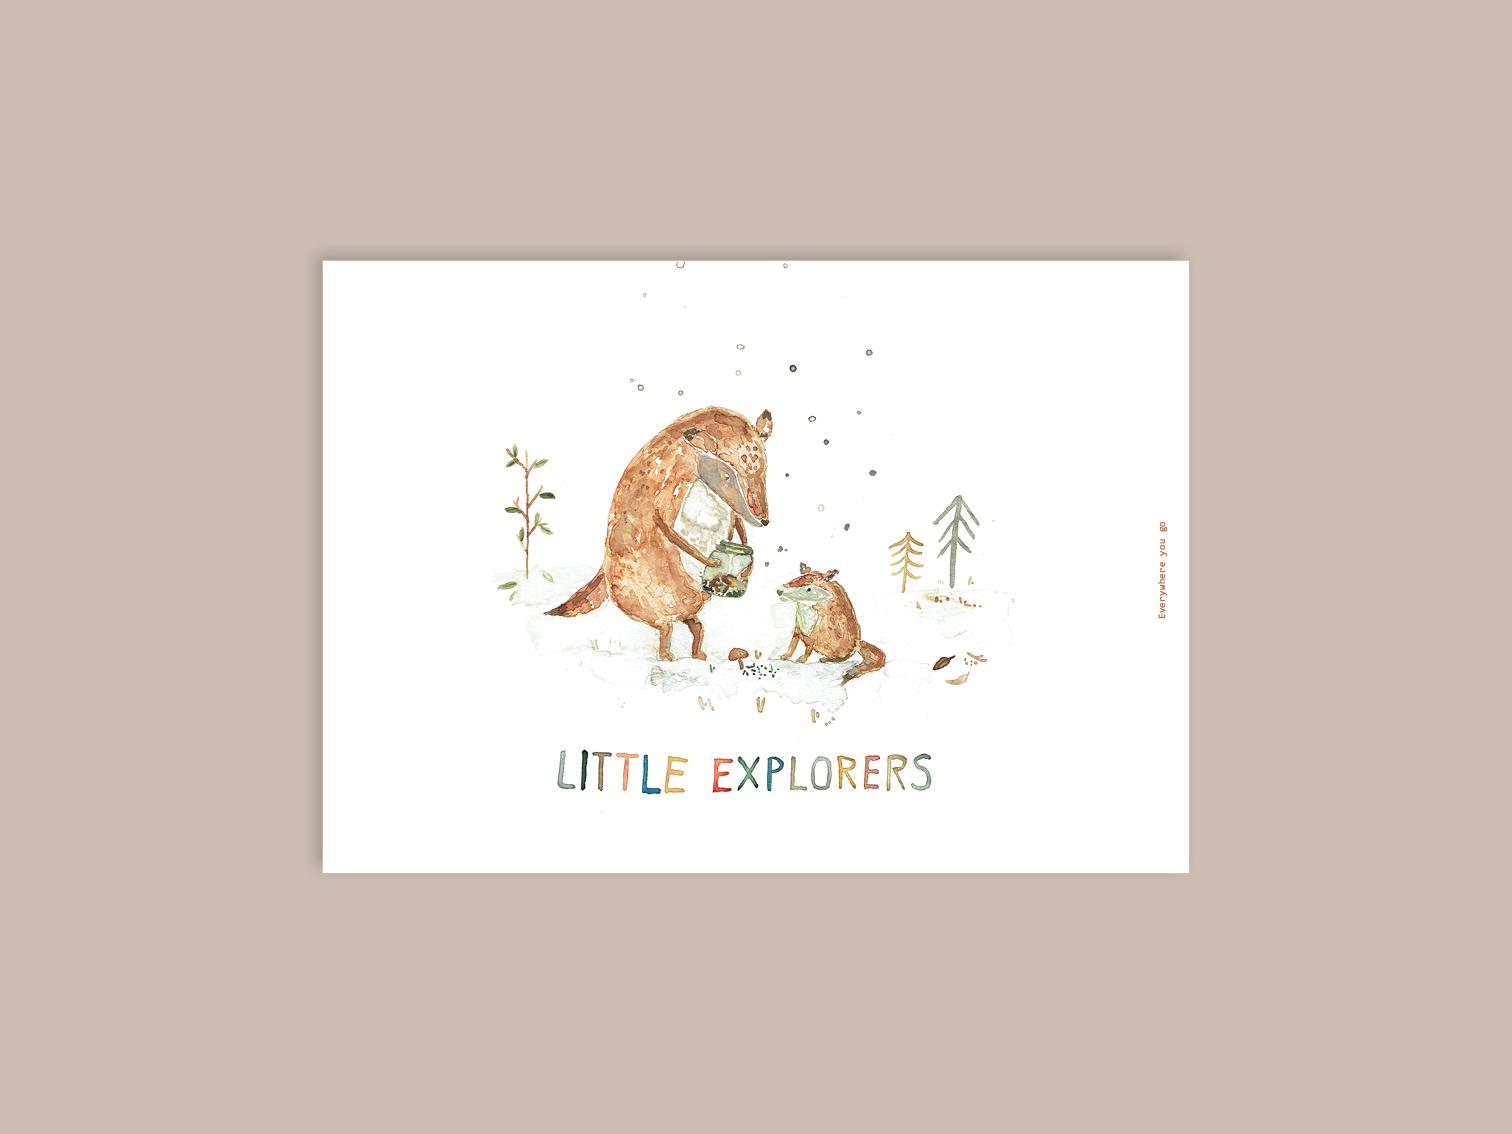 Little_explorers_ansicht_instagram